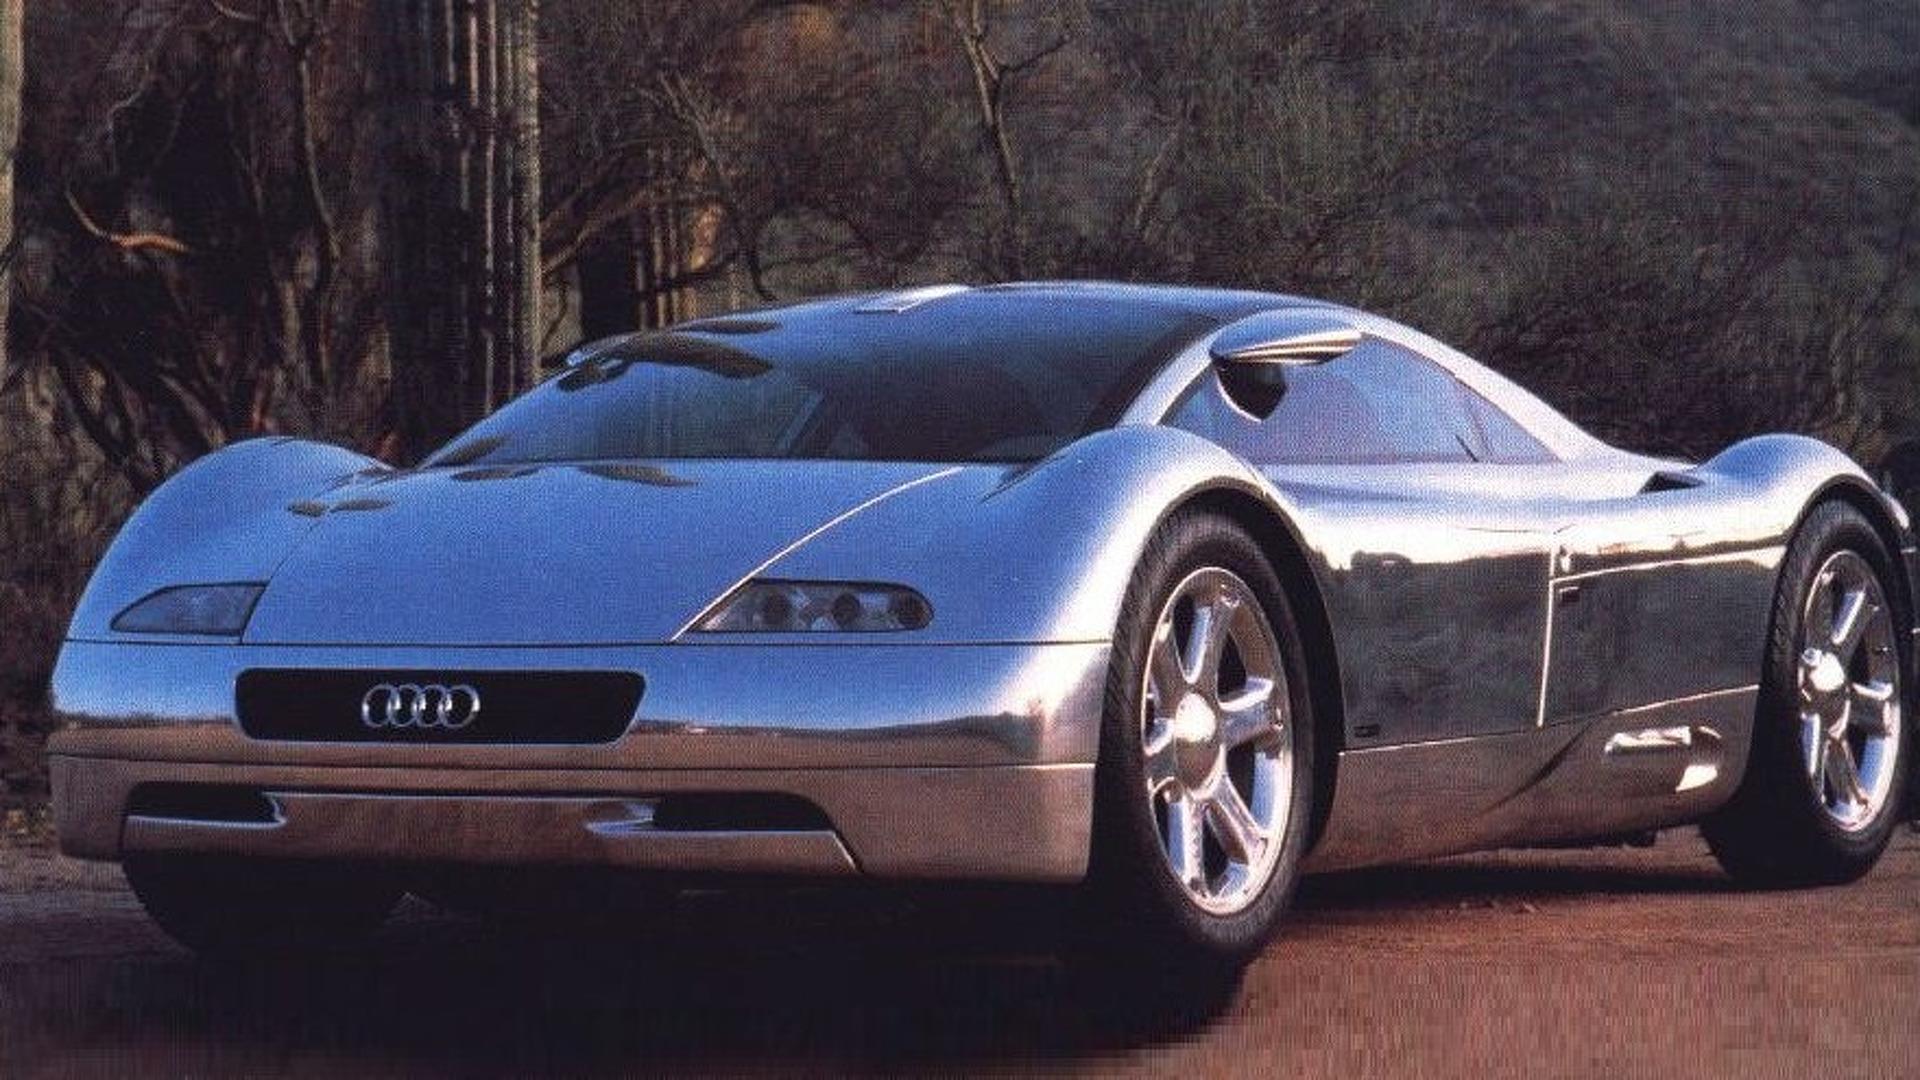 Kelebihan Kekurangan Audi Avus Review